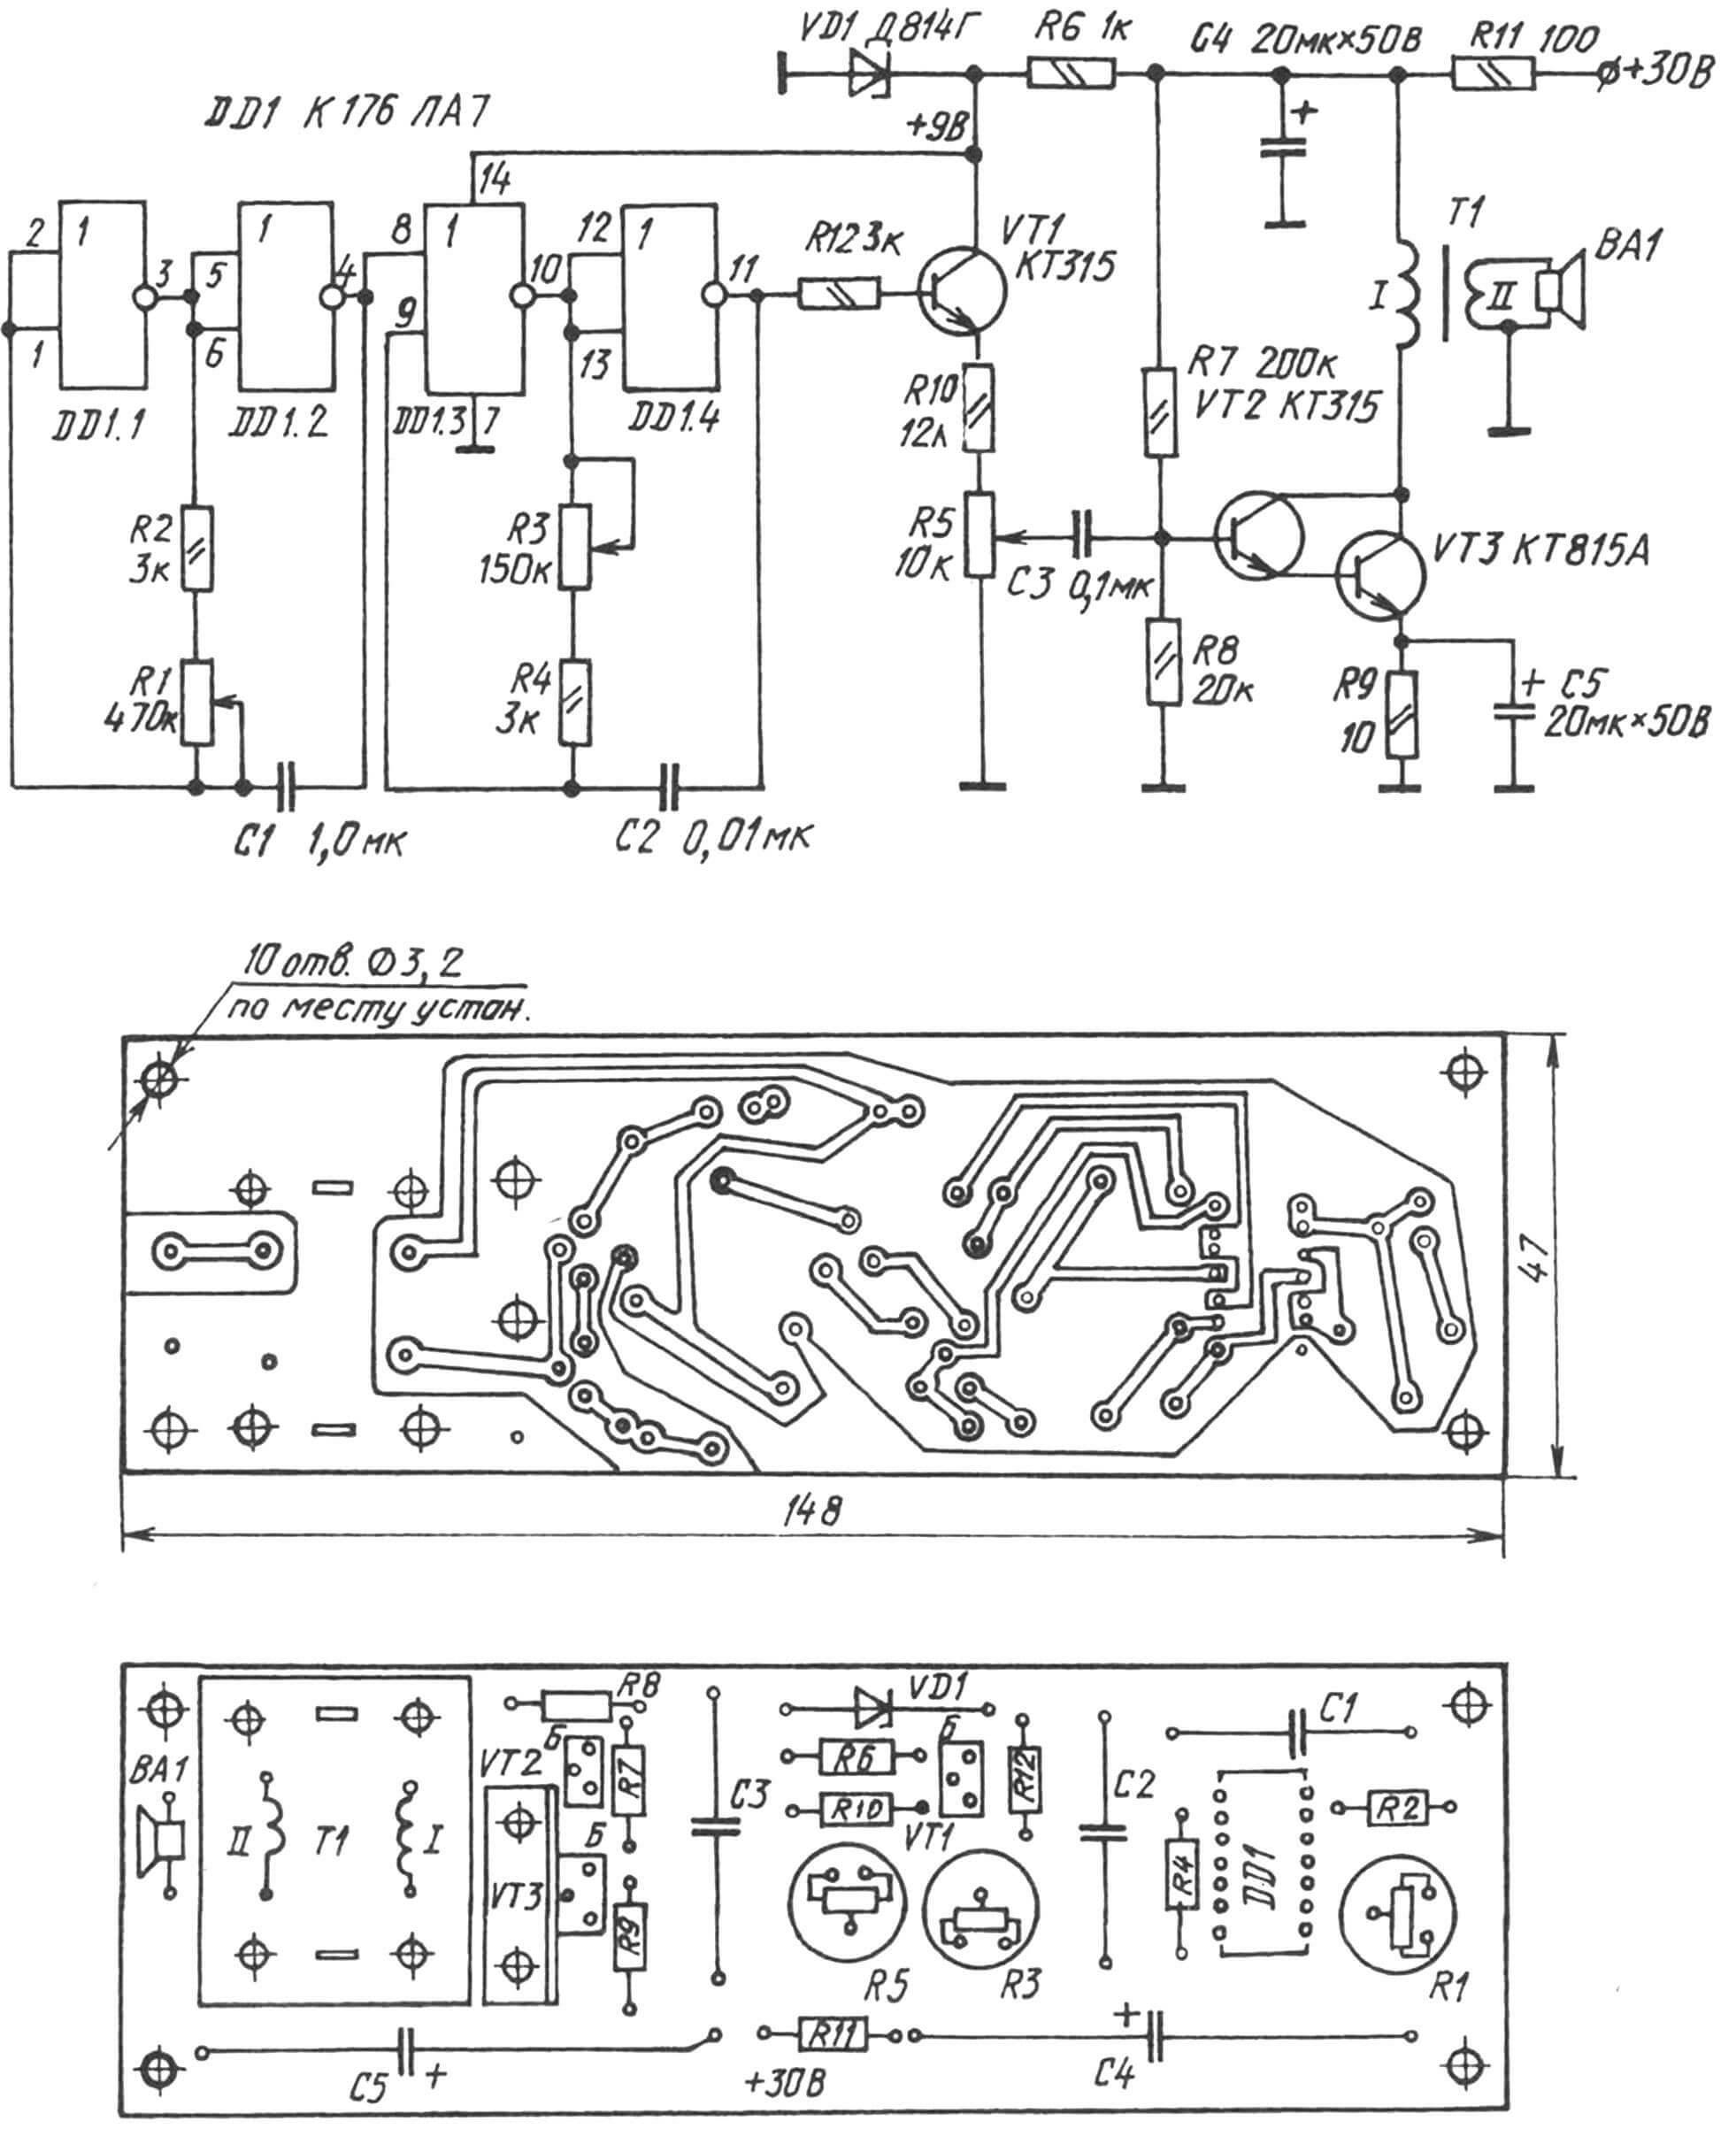 Принципиальная электрическая схема, топология печатной платы и монтажная схема блока звуковой сигнализации